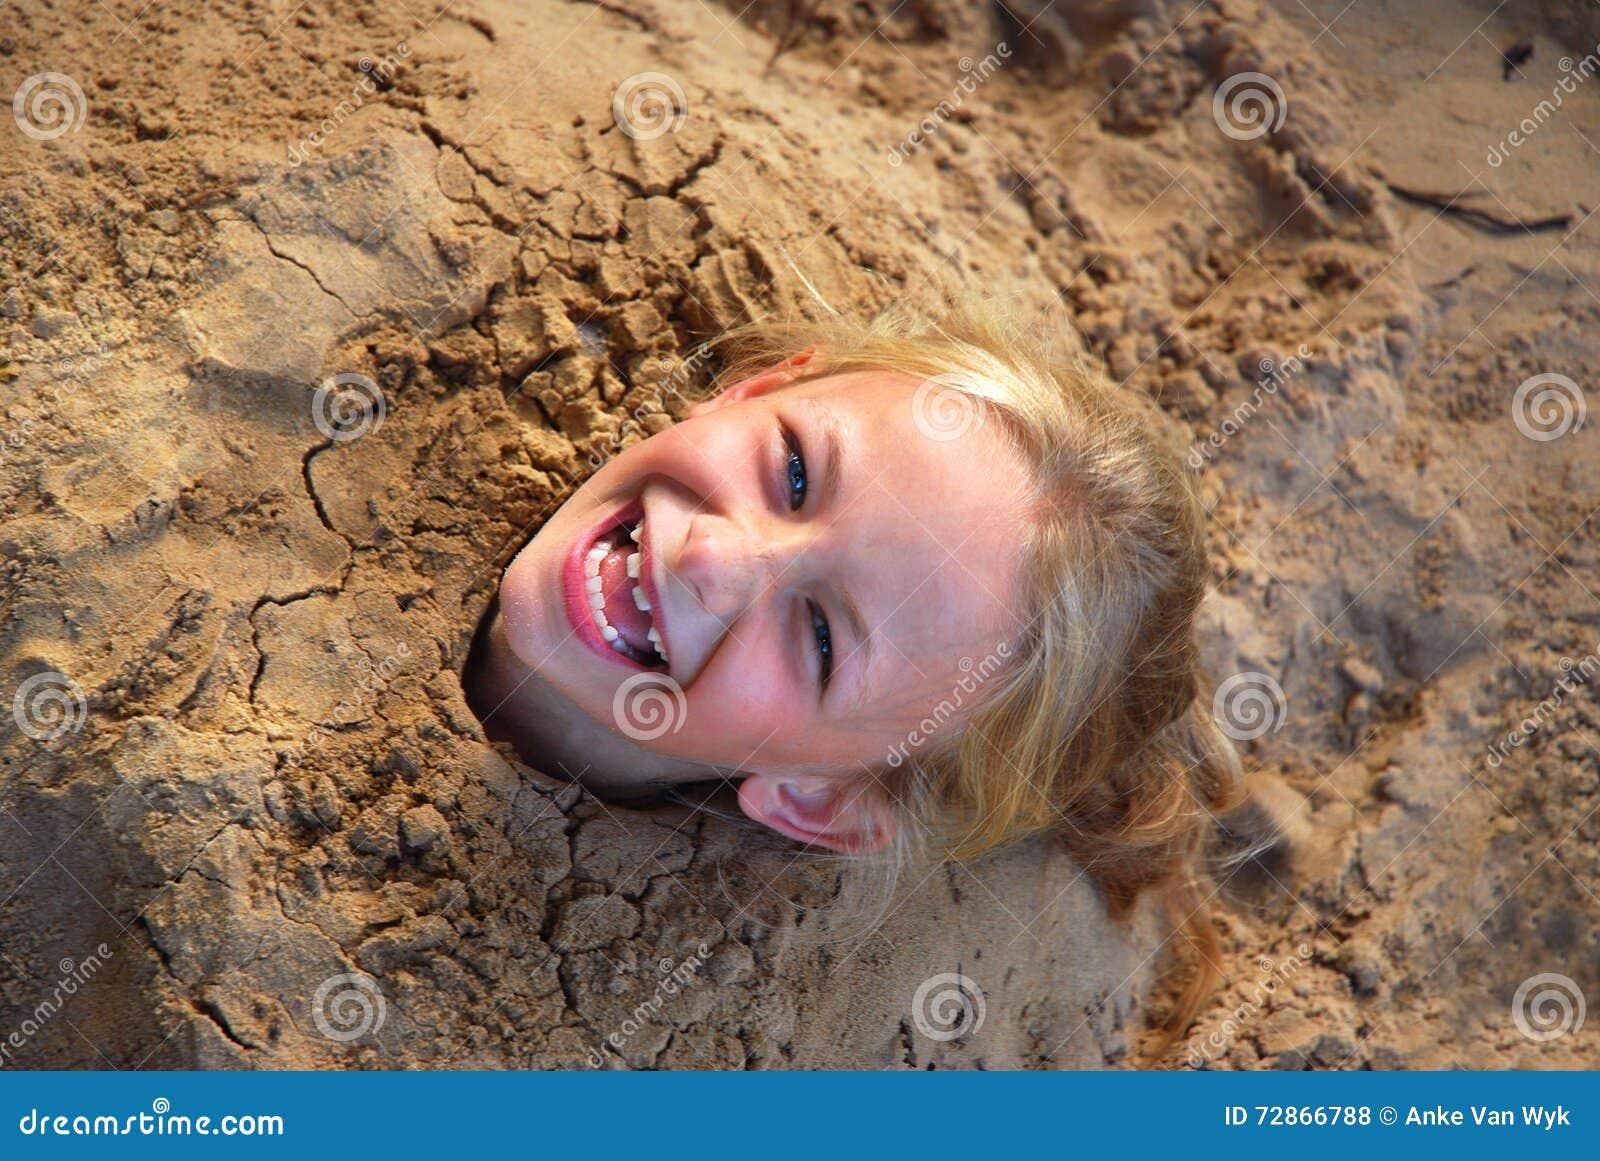 La petite fille a creusé dans le sable